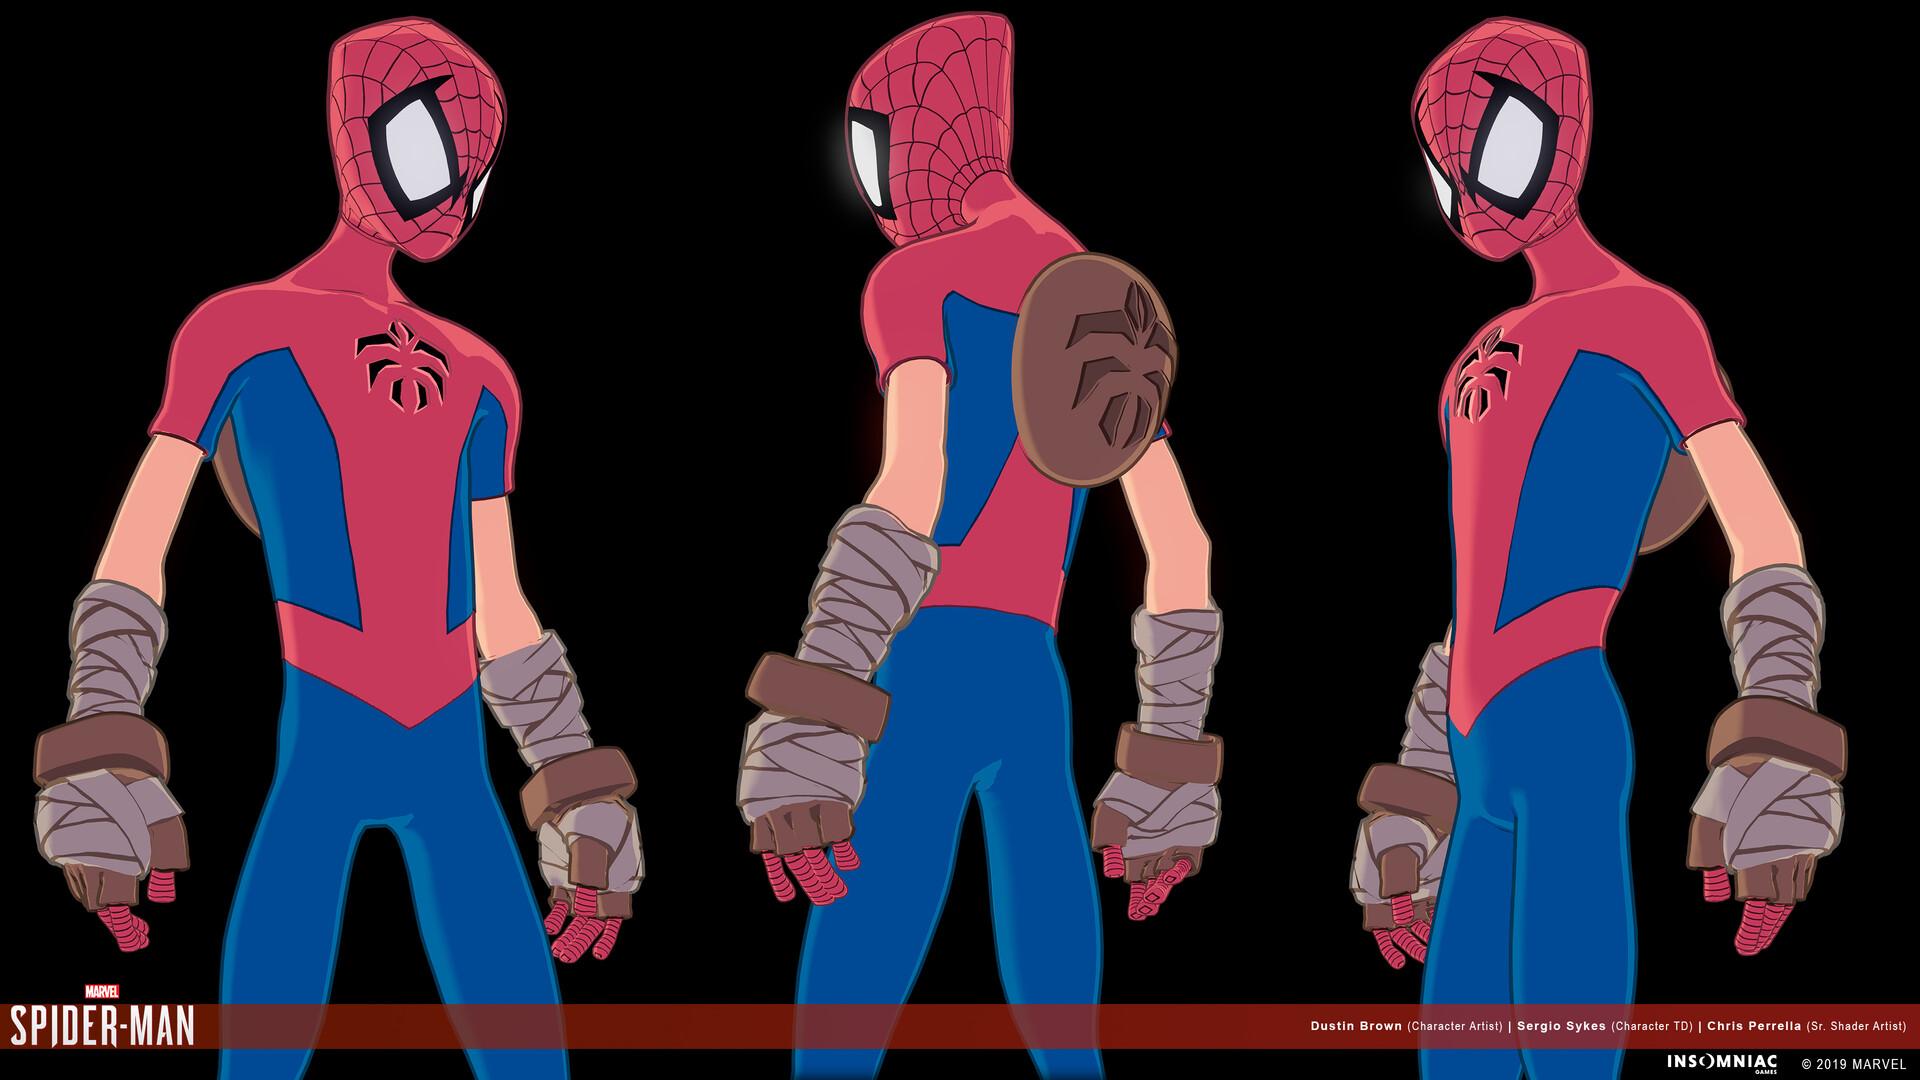 Dustin brown marvels spiderman herosuit mangaverse 02